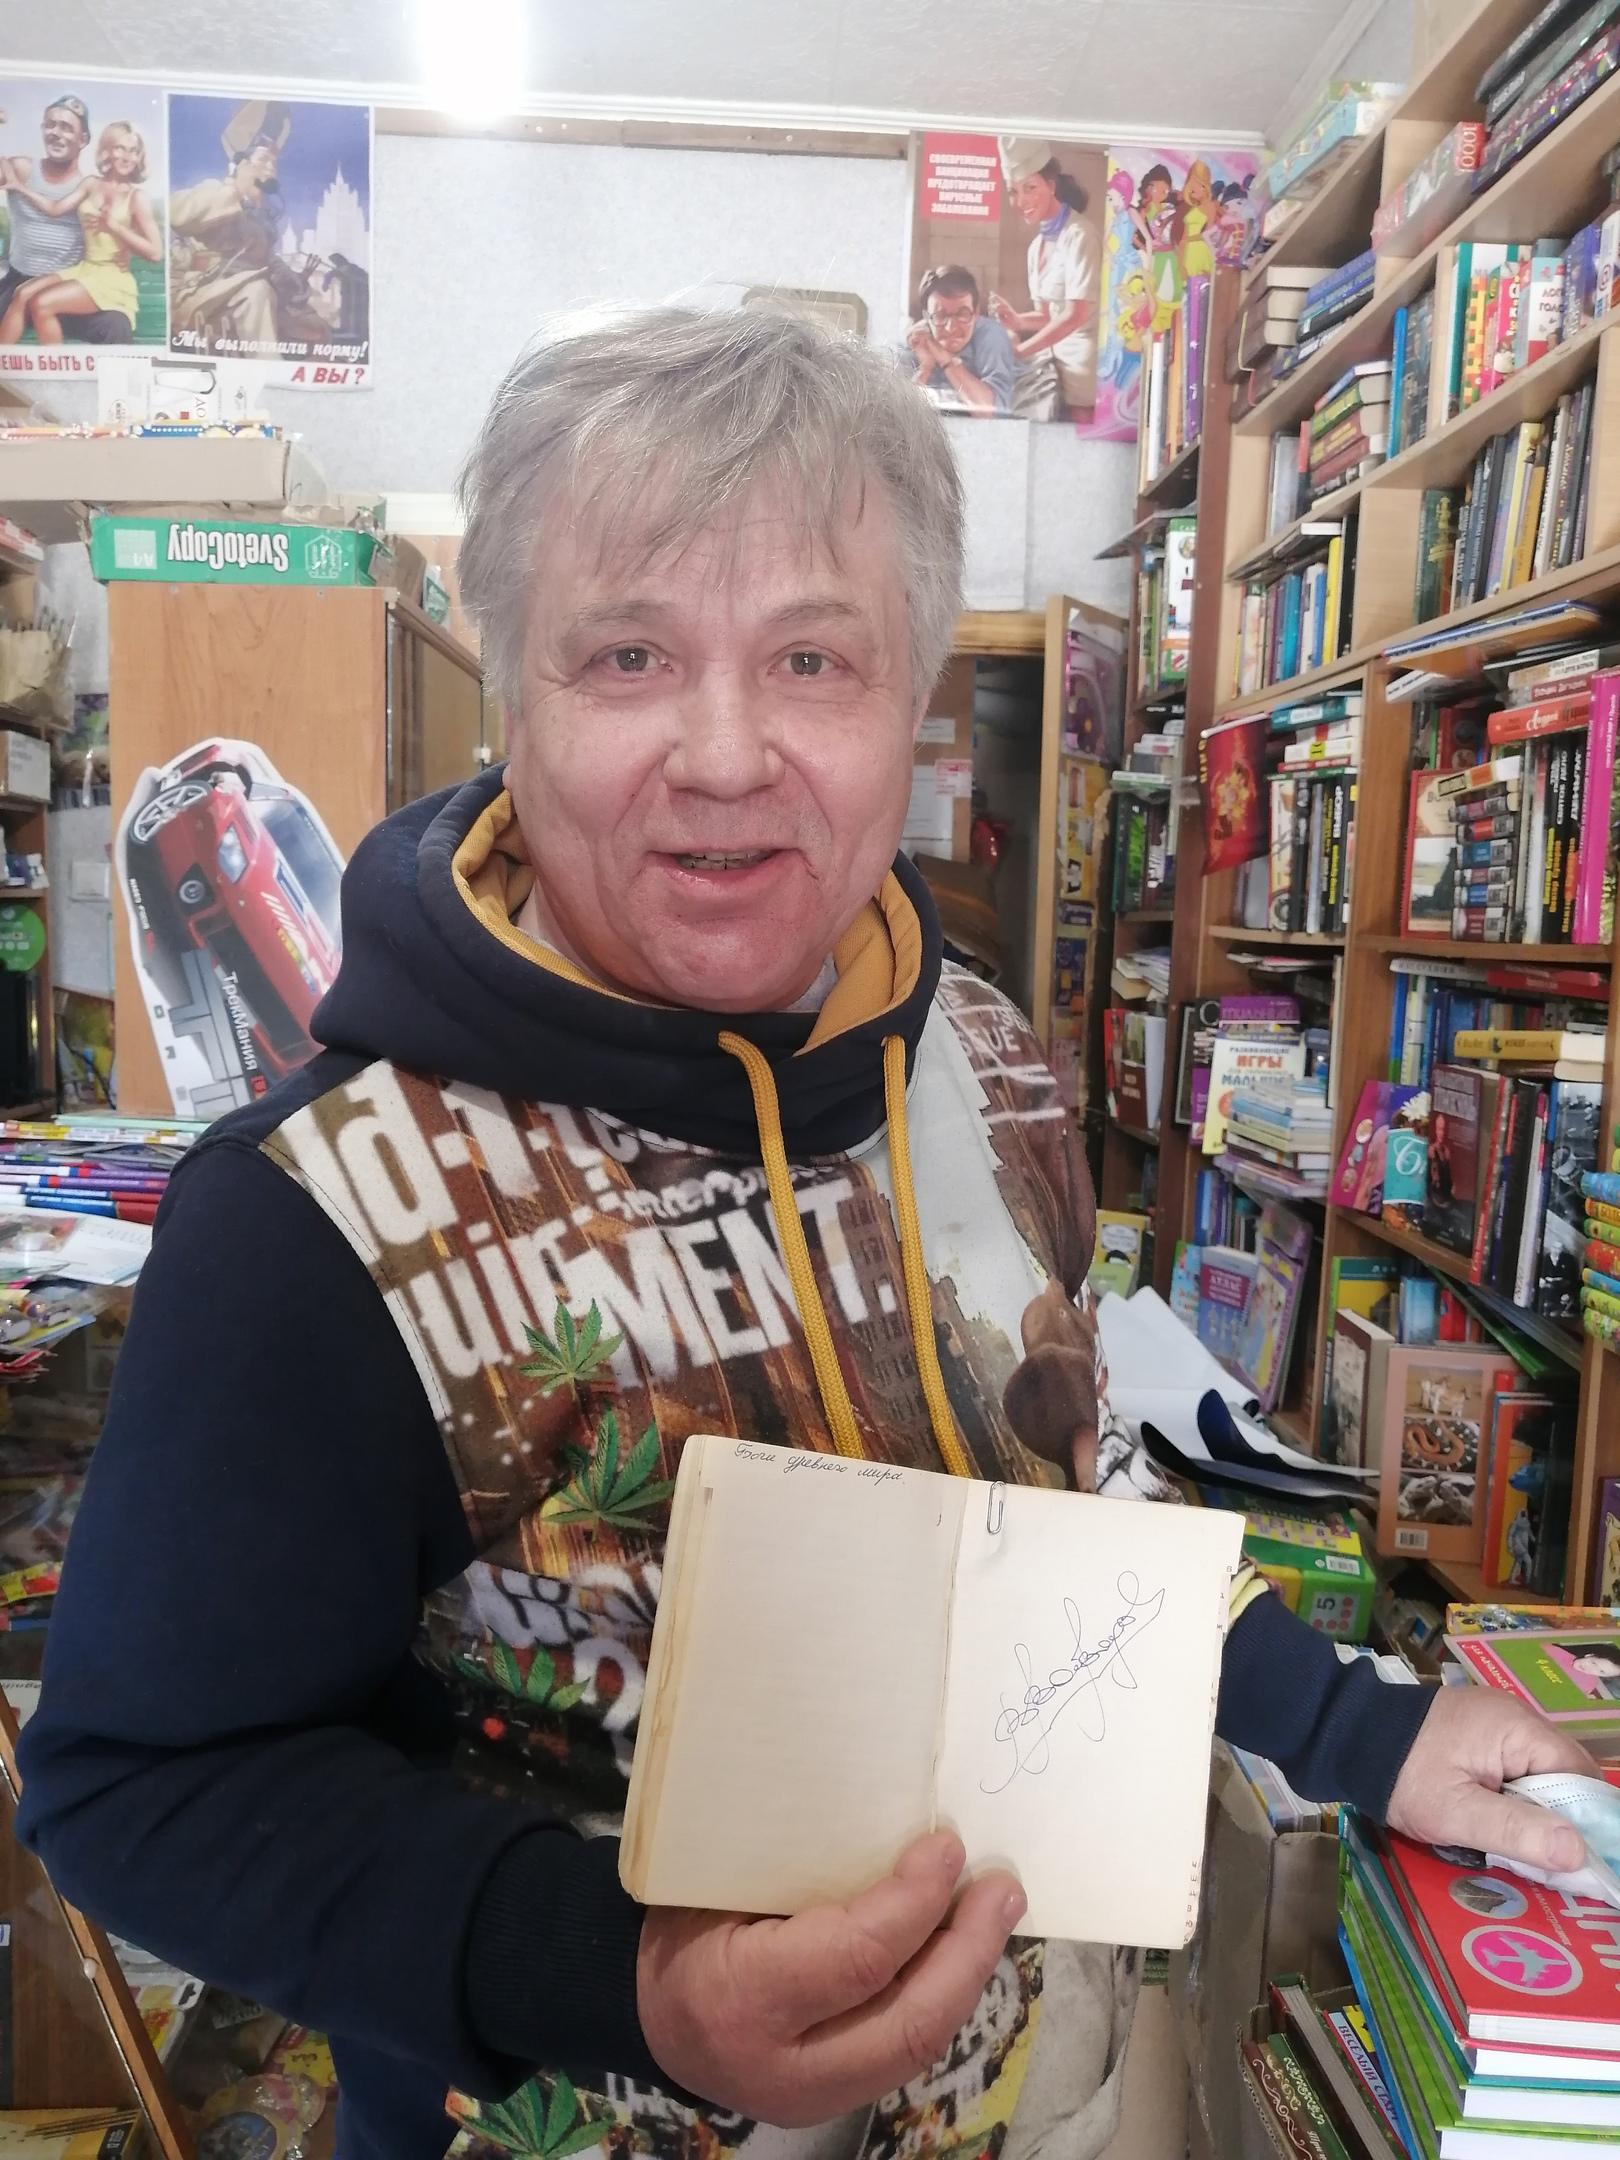 Коллекционер показал автограф, взятый у легендарного певца в Тверской области